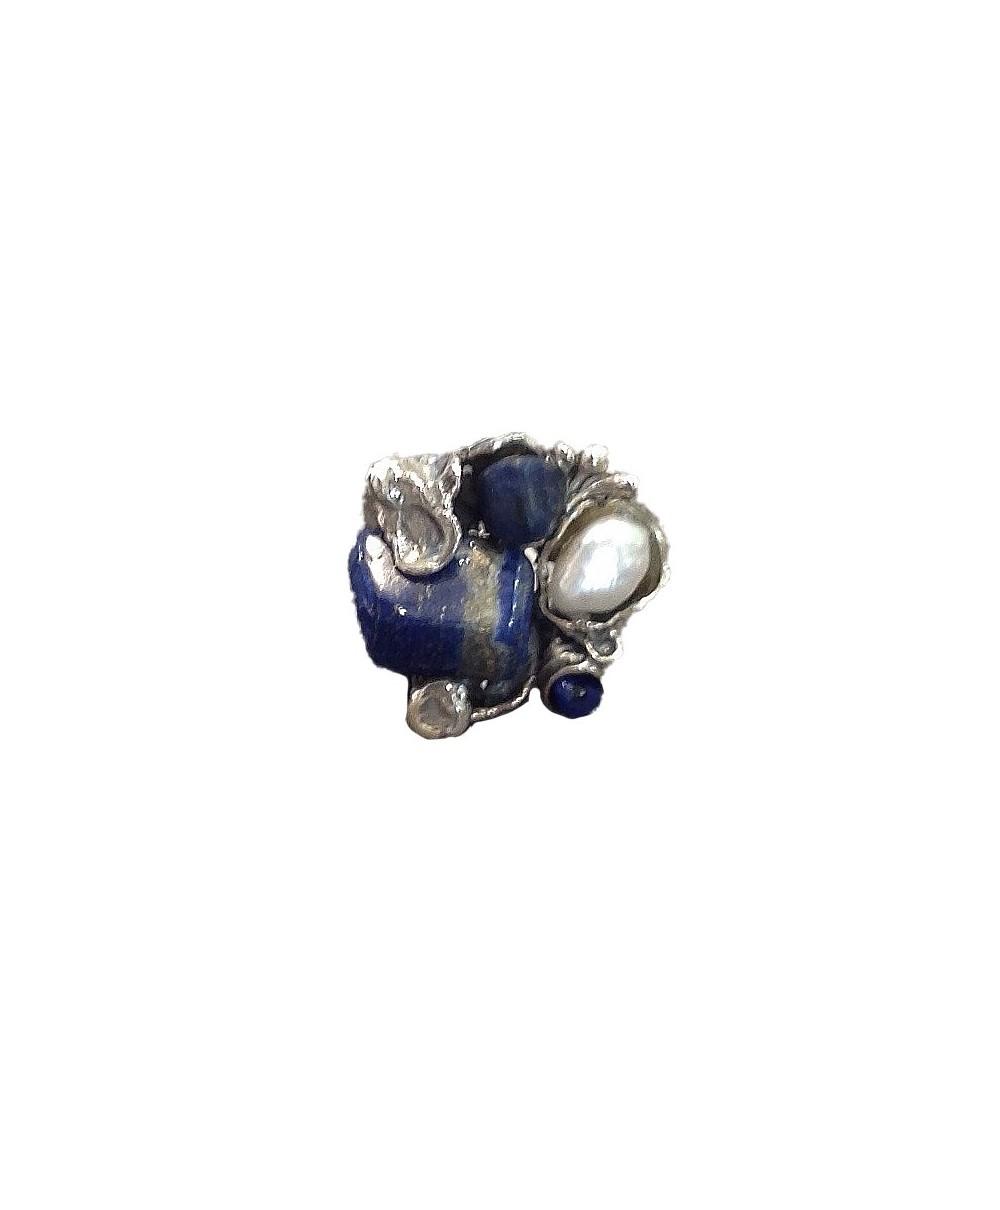 Sortija Plata y Lapislázuli y Perla 770L de La Perionda